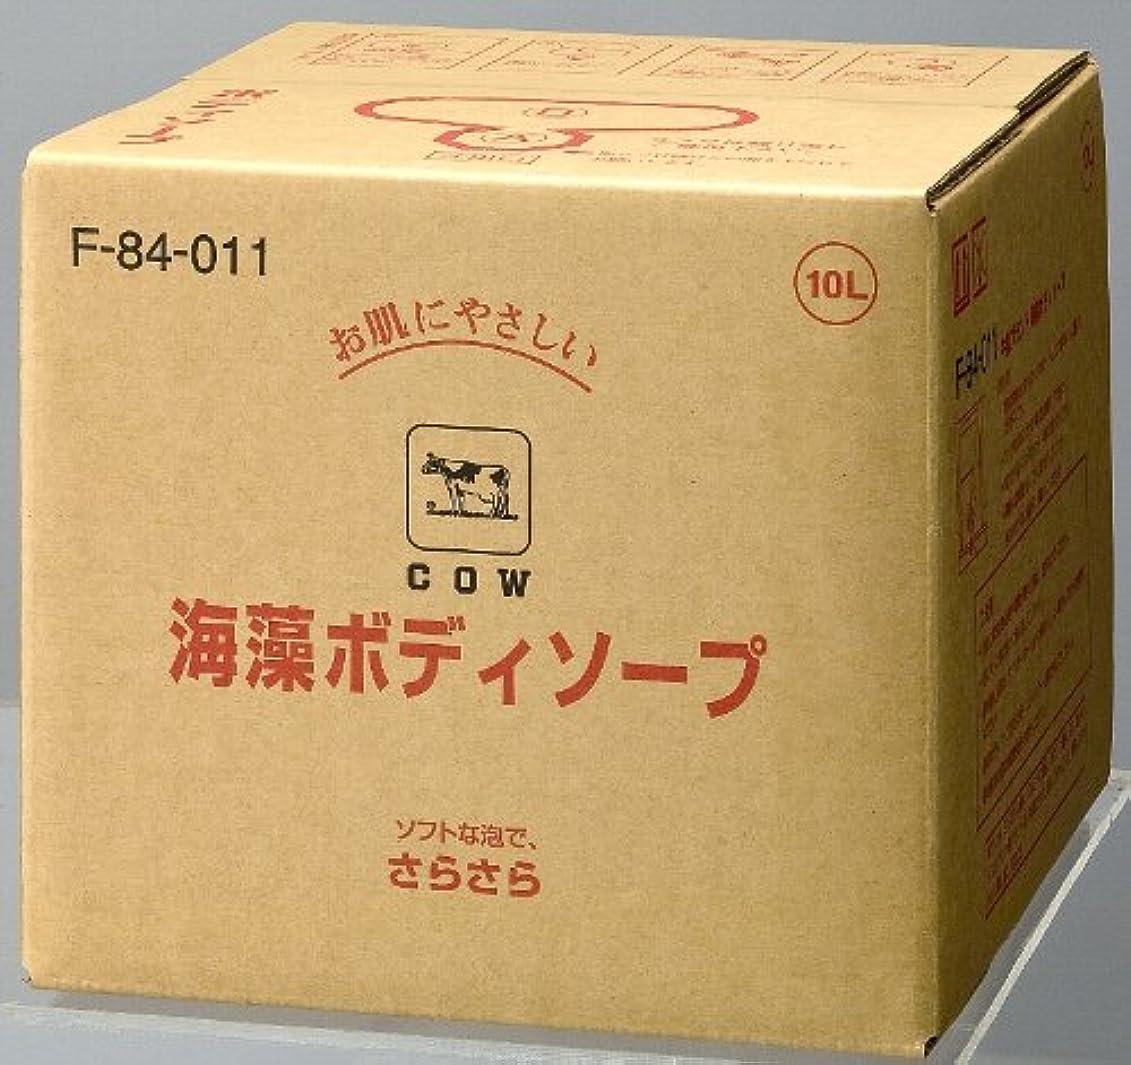 年齢セーブ限界【業務用】カウブランド海藻ボディソープ 10L